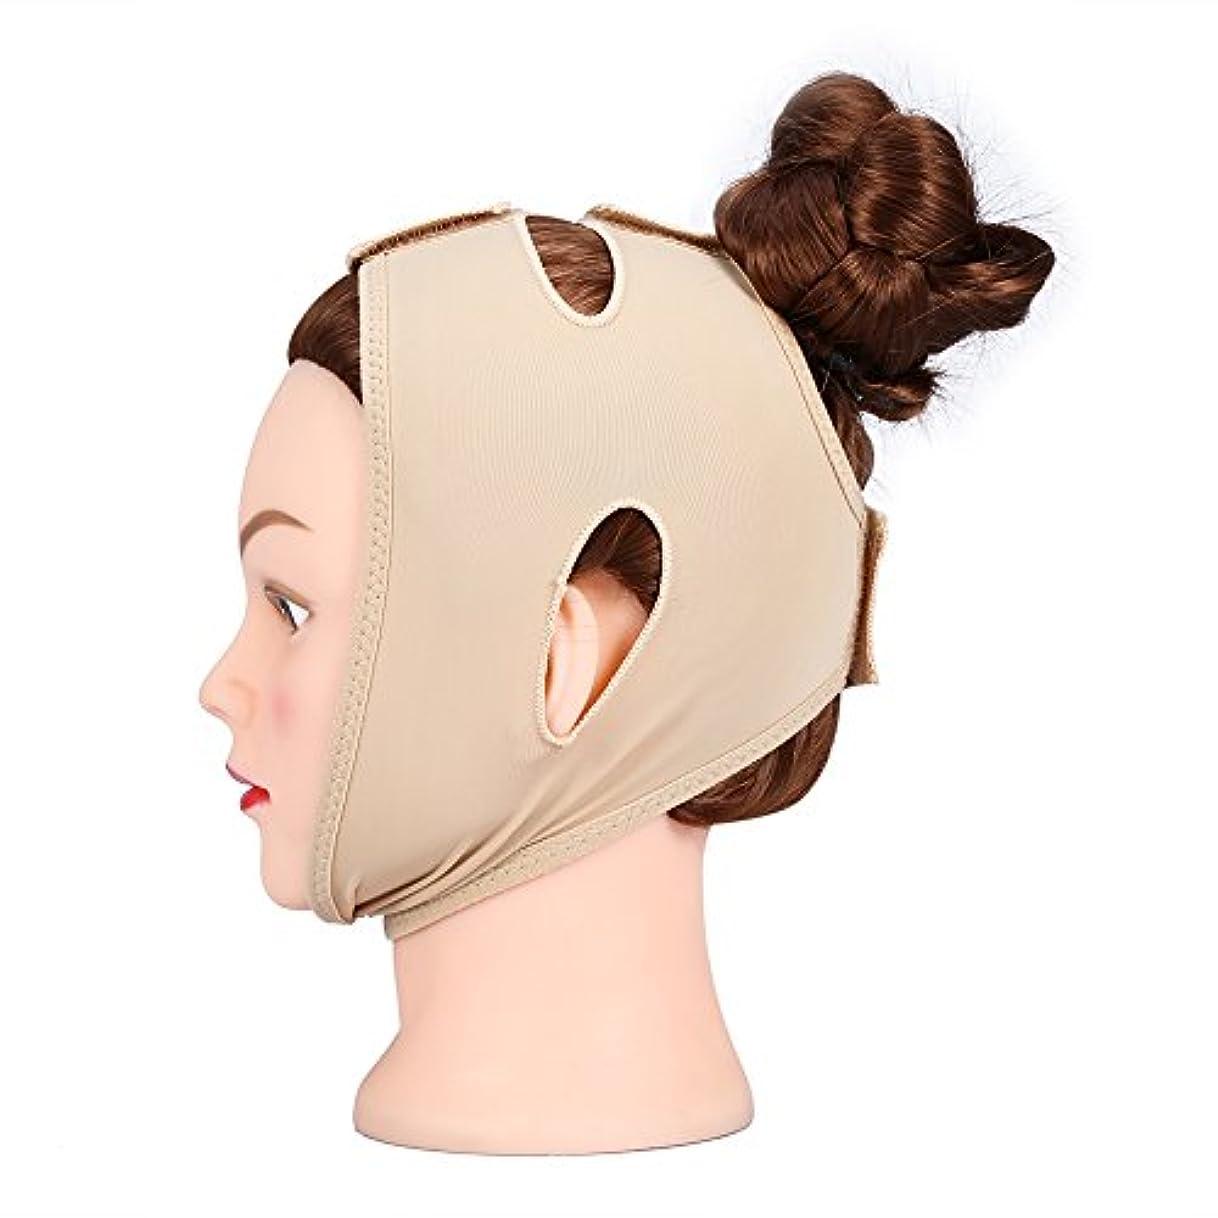 疑わしい建てる感動する痩身フェイスバンド、痩身フェイスマスク、フェイスリフトマスク、睡眠首マスク、二重あご包帯を減らす(M)